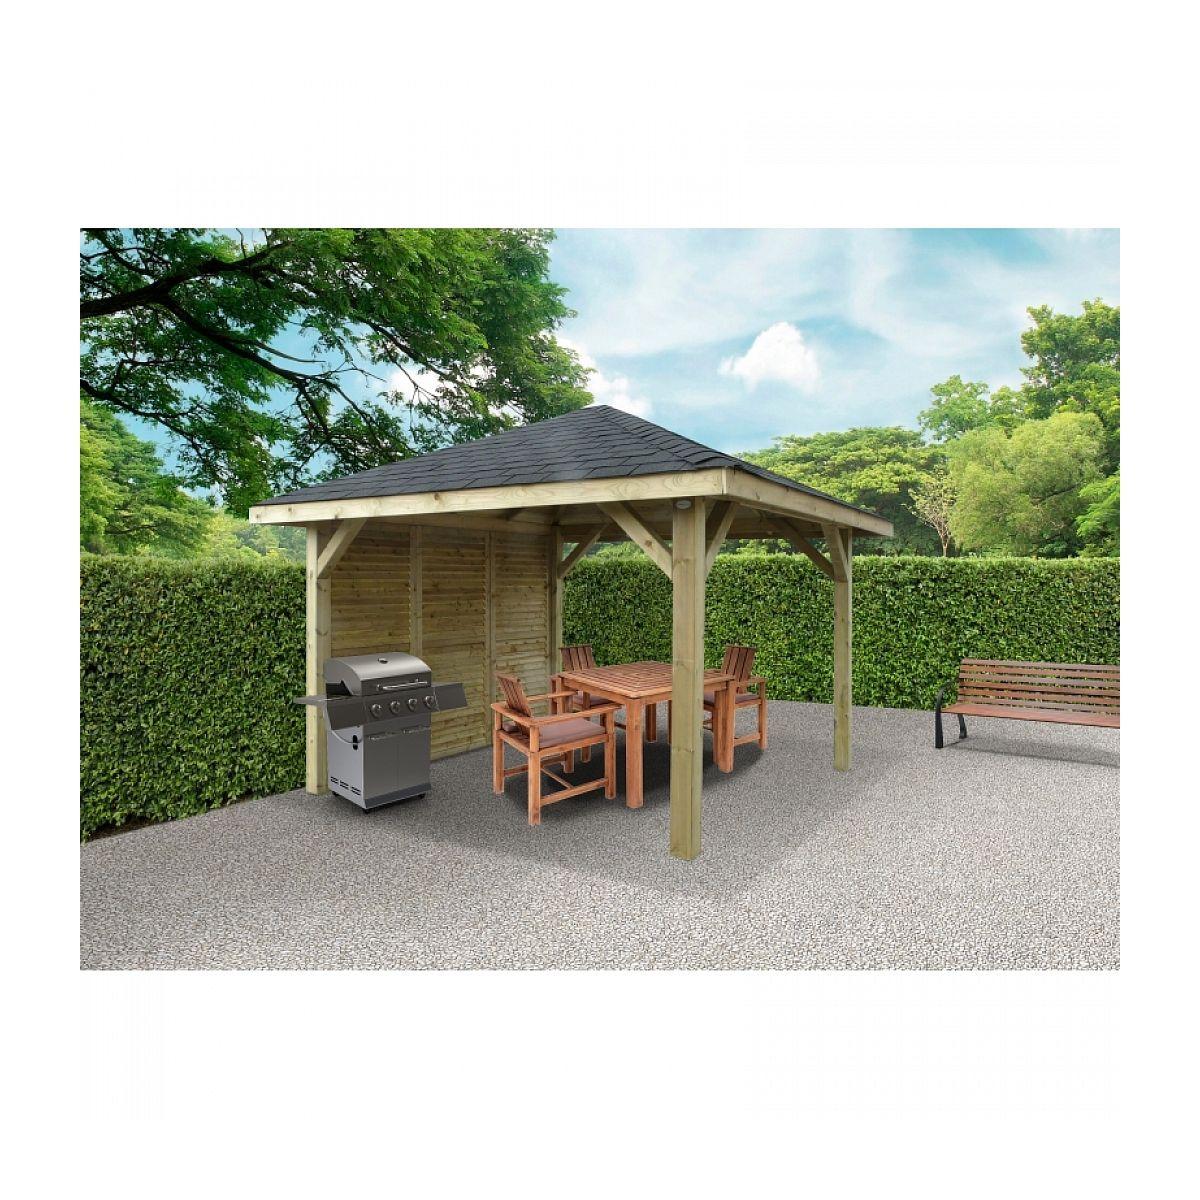 Kiosque En Bois Solid 347X347Cm Avec Une Paroi avec Kiosque De Jardin En Bois Pas Cher